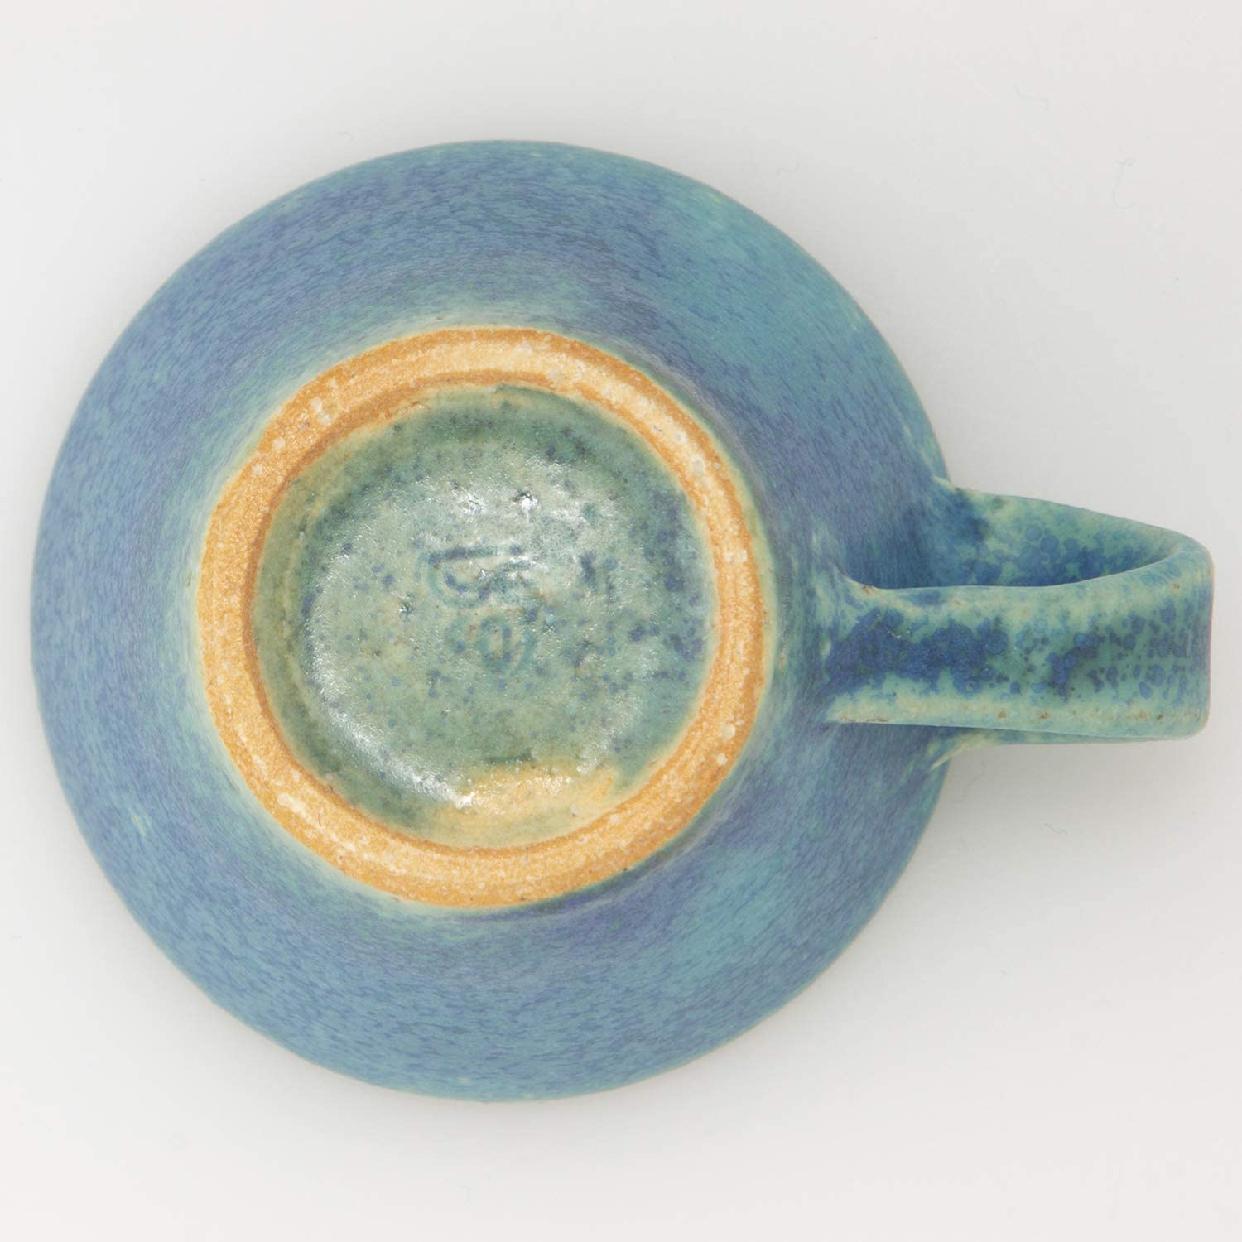 丸伊製陶 信楽焼 へちもん エスプレッソカップ 青彩釉の商品画像6